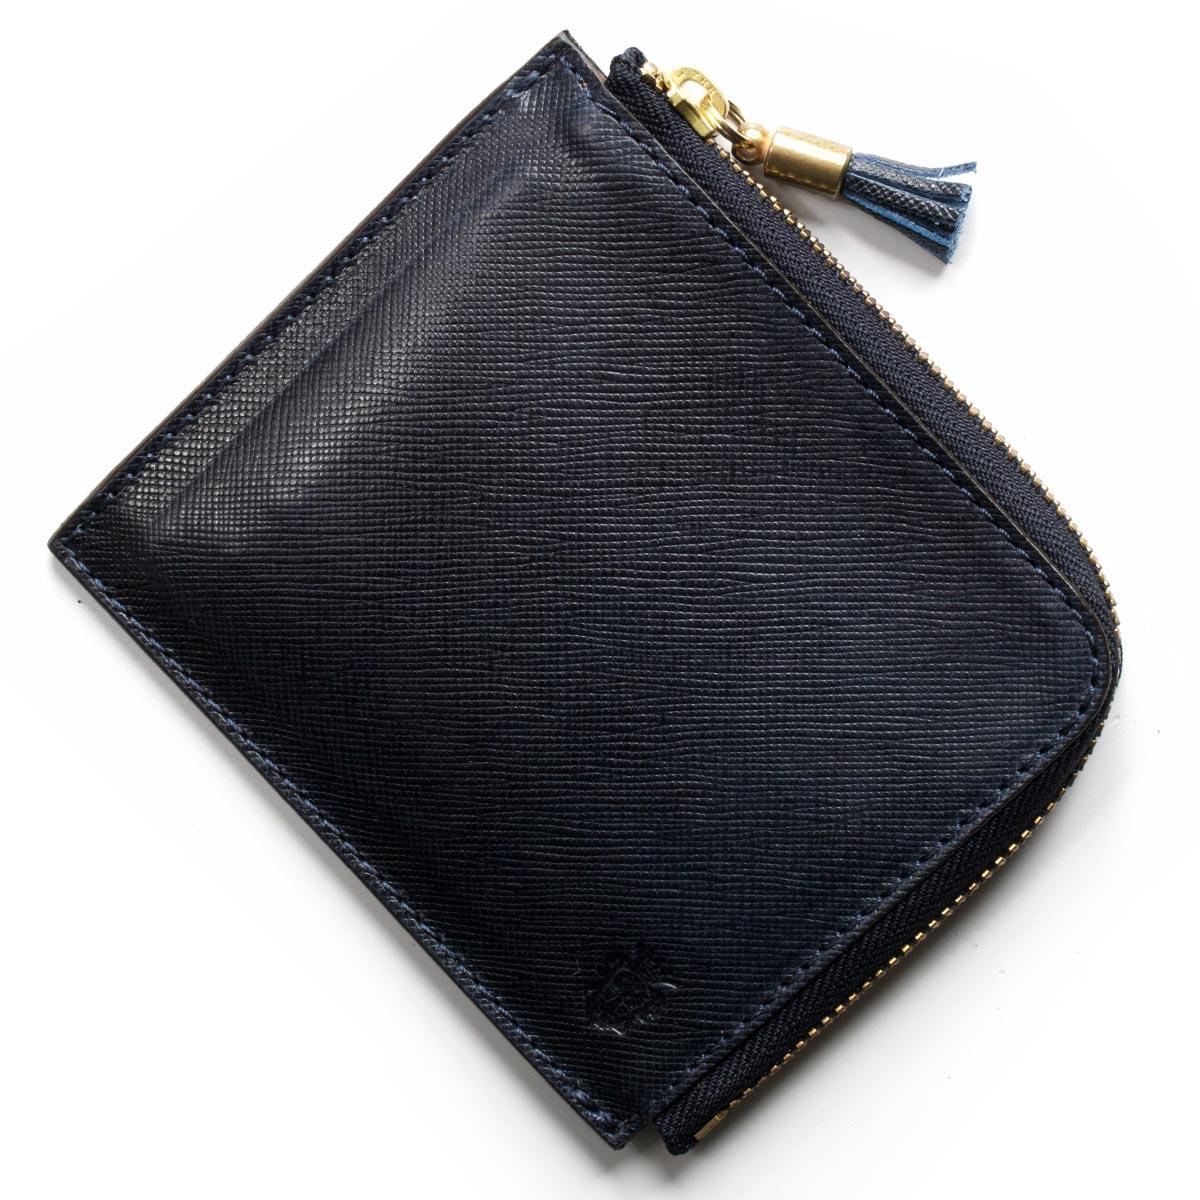 フェリージ コインケース【小銭入れ】 財布 メンズ レディース ネイビーブルー 968 SI 0005 FELISI